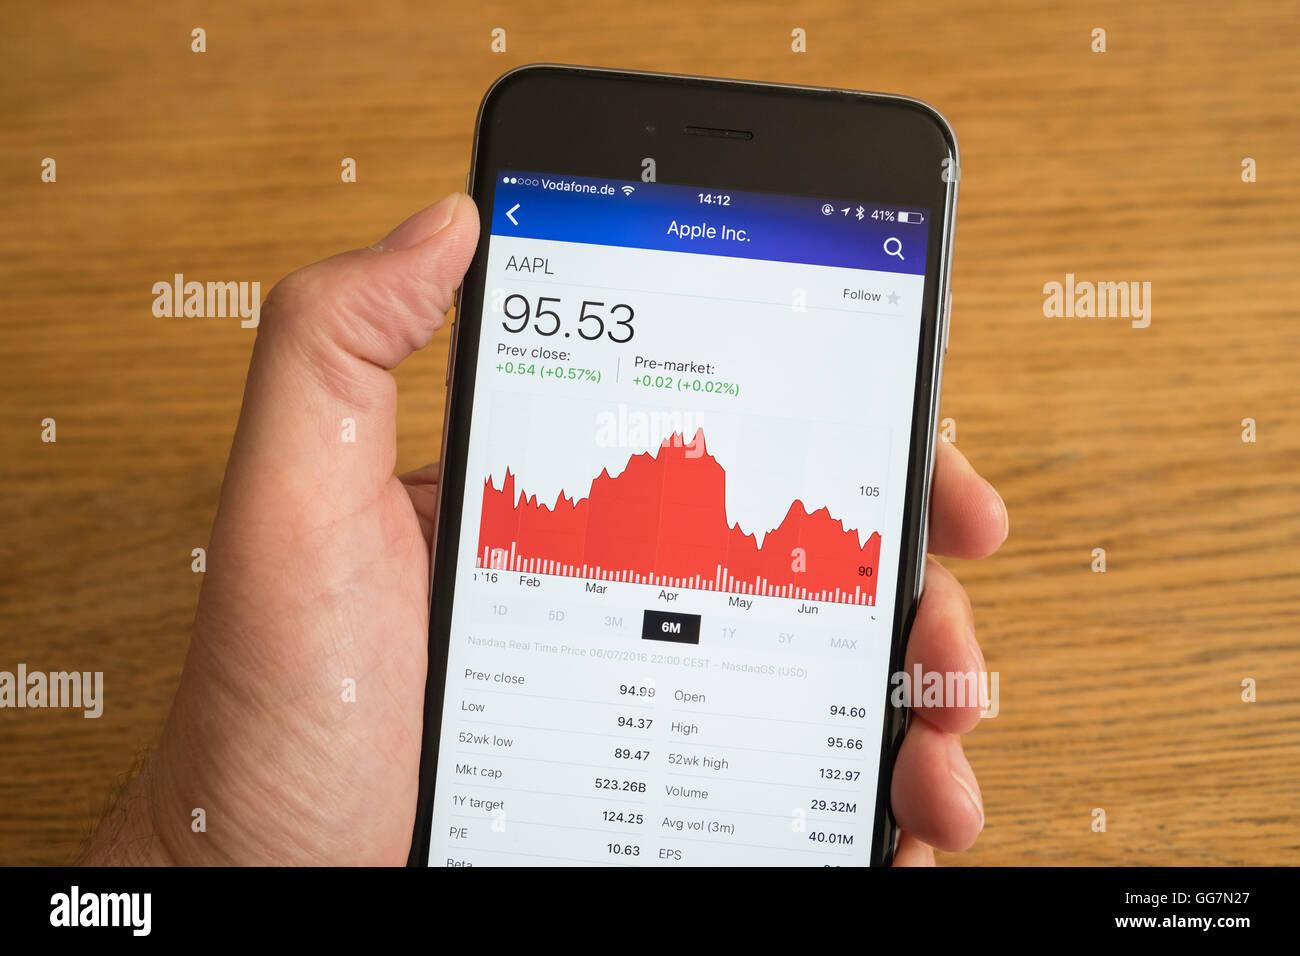 Detalle del comportamiento bursátil de la compañía Apple en un teléfono inteligente. Foto de stock